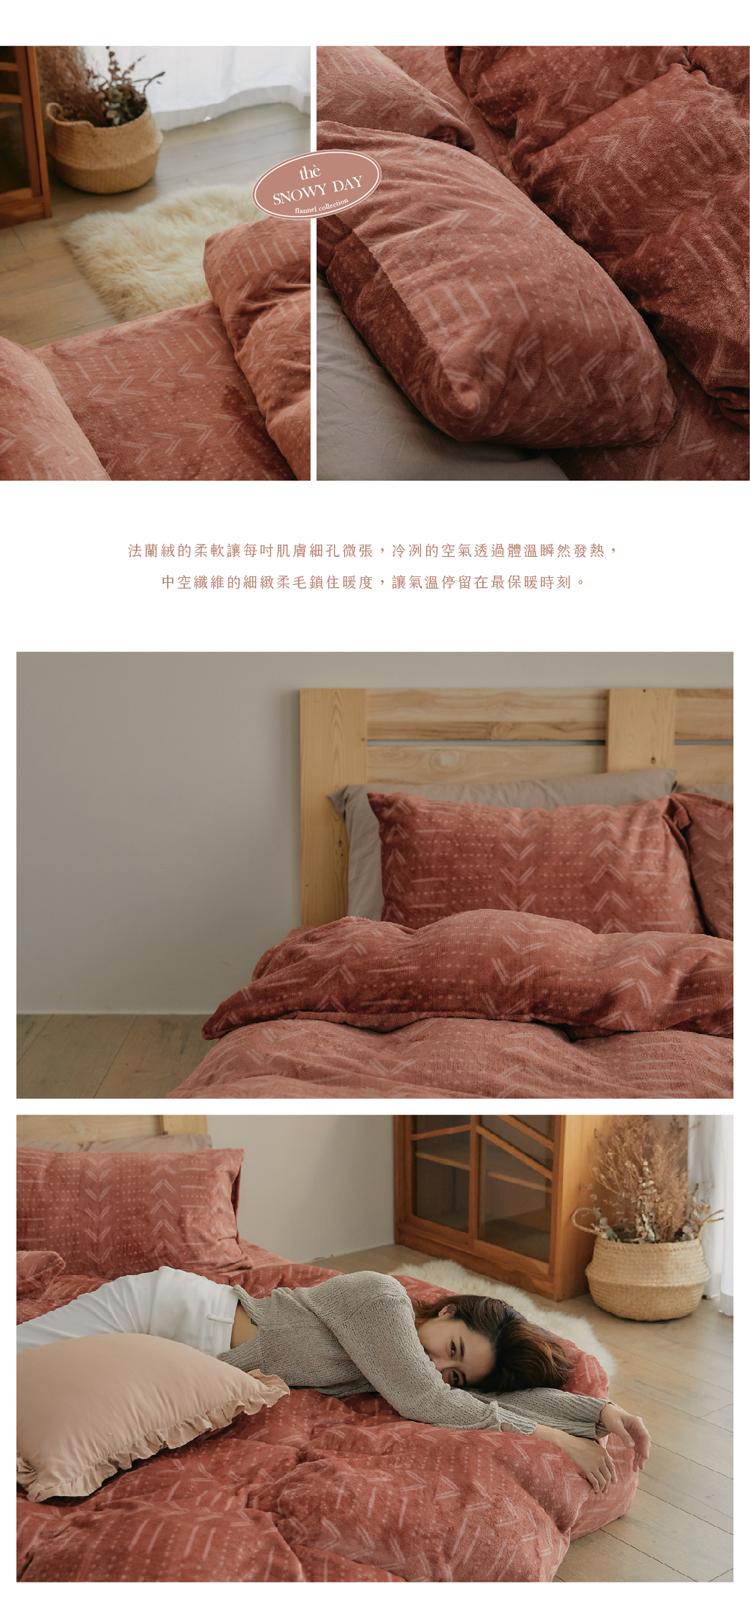 法蘭絨,法蘭絨床包,法蘭絨寢具